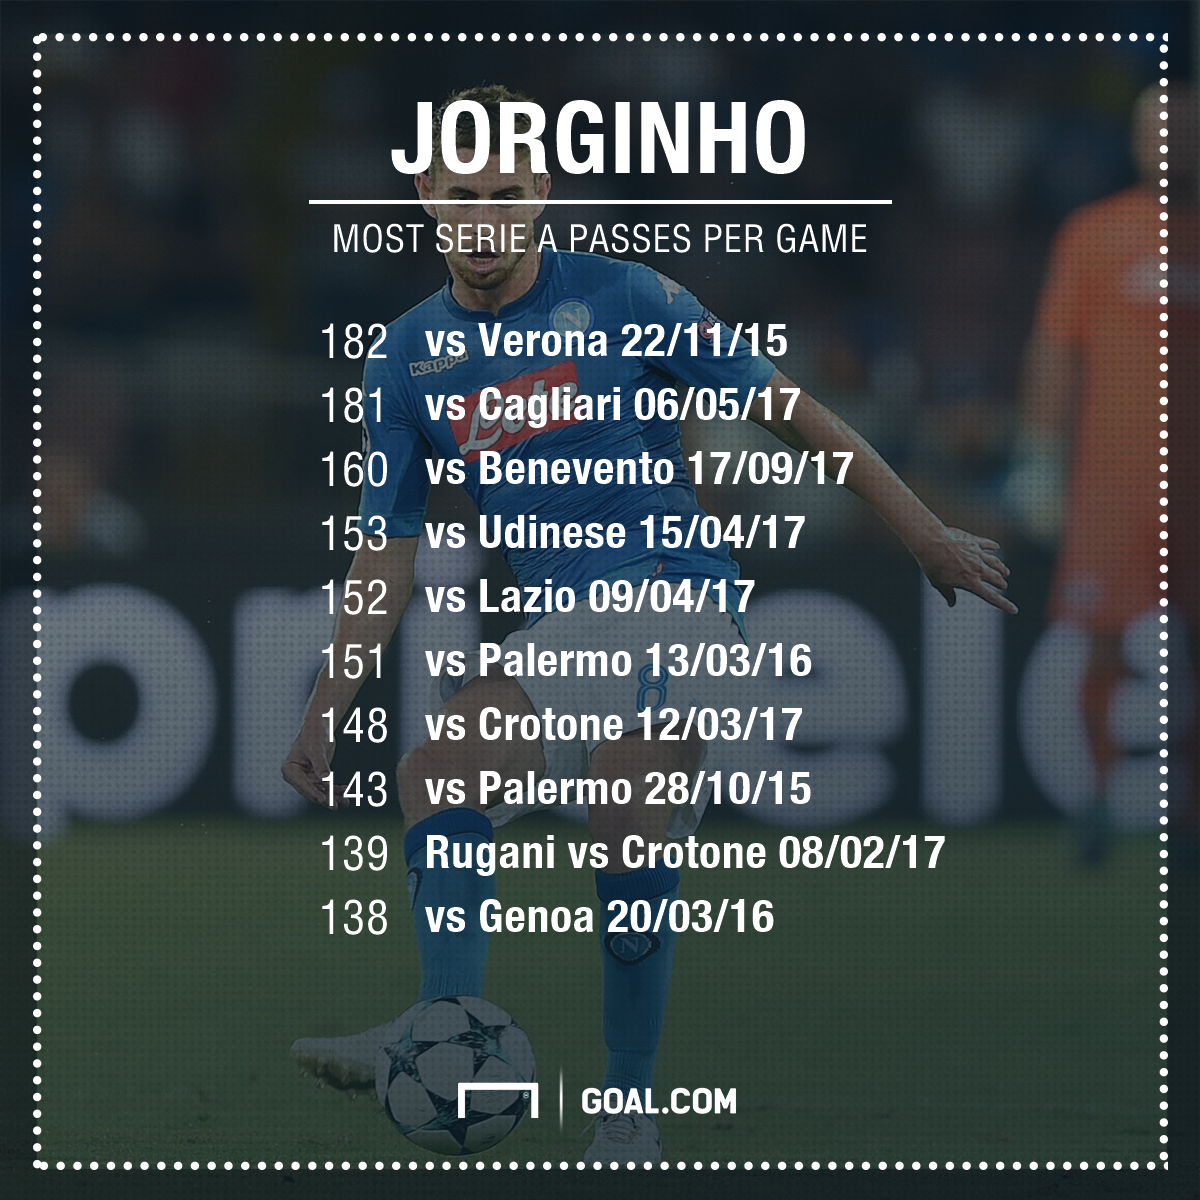 Jorginho GFX Passes